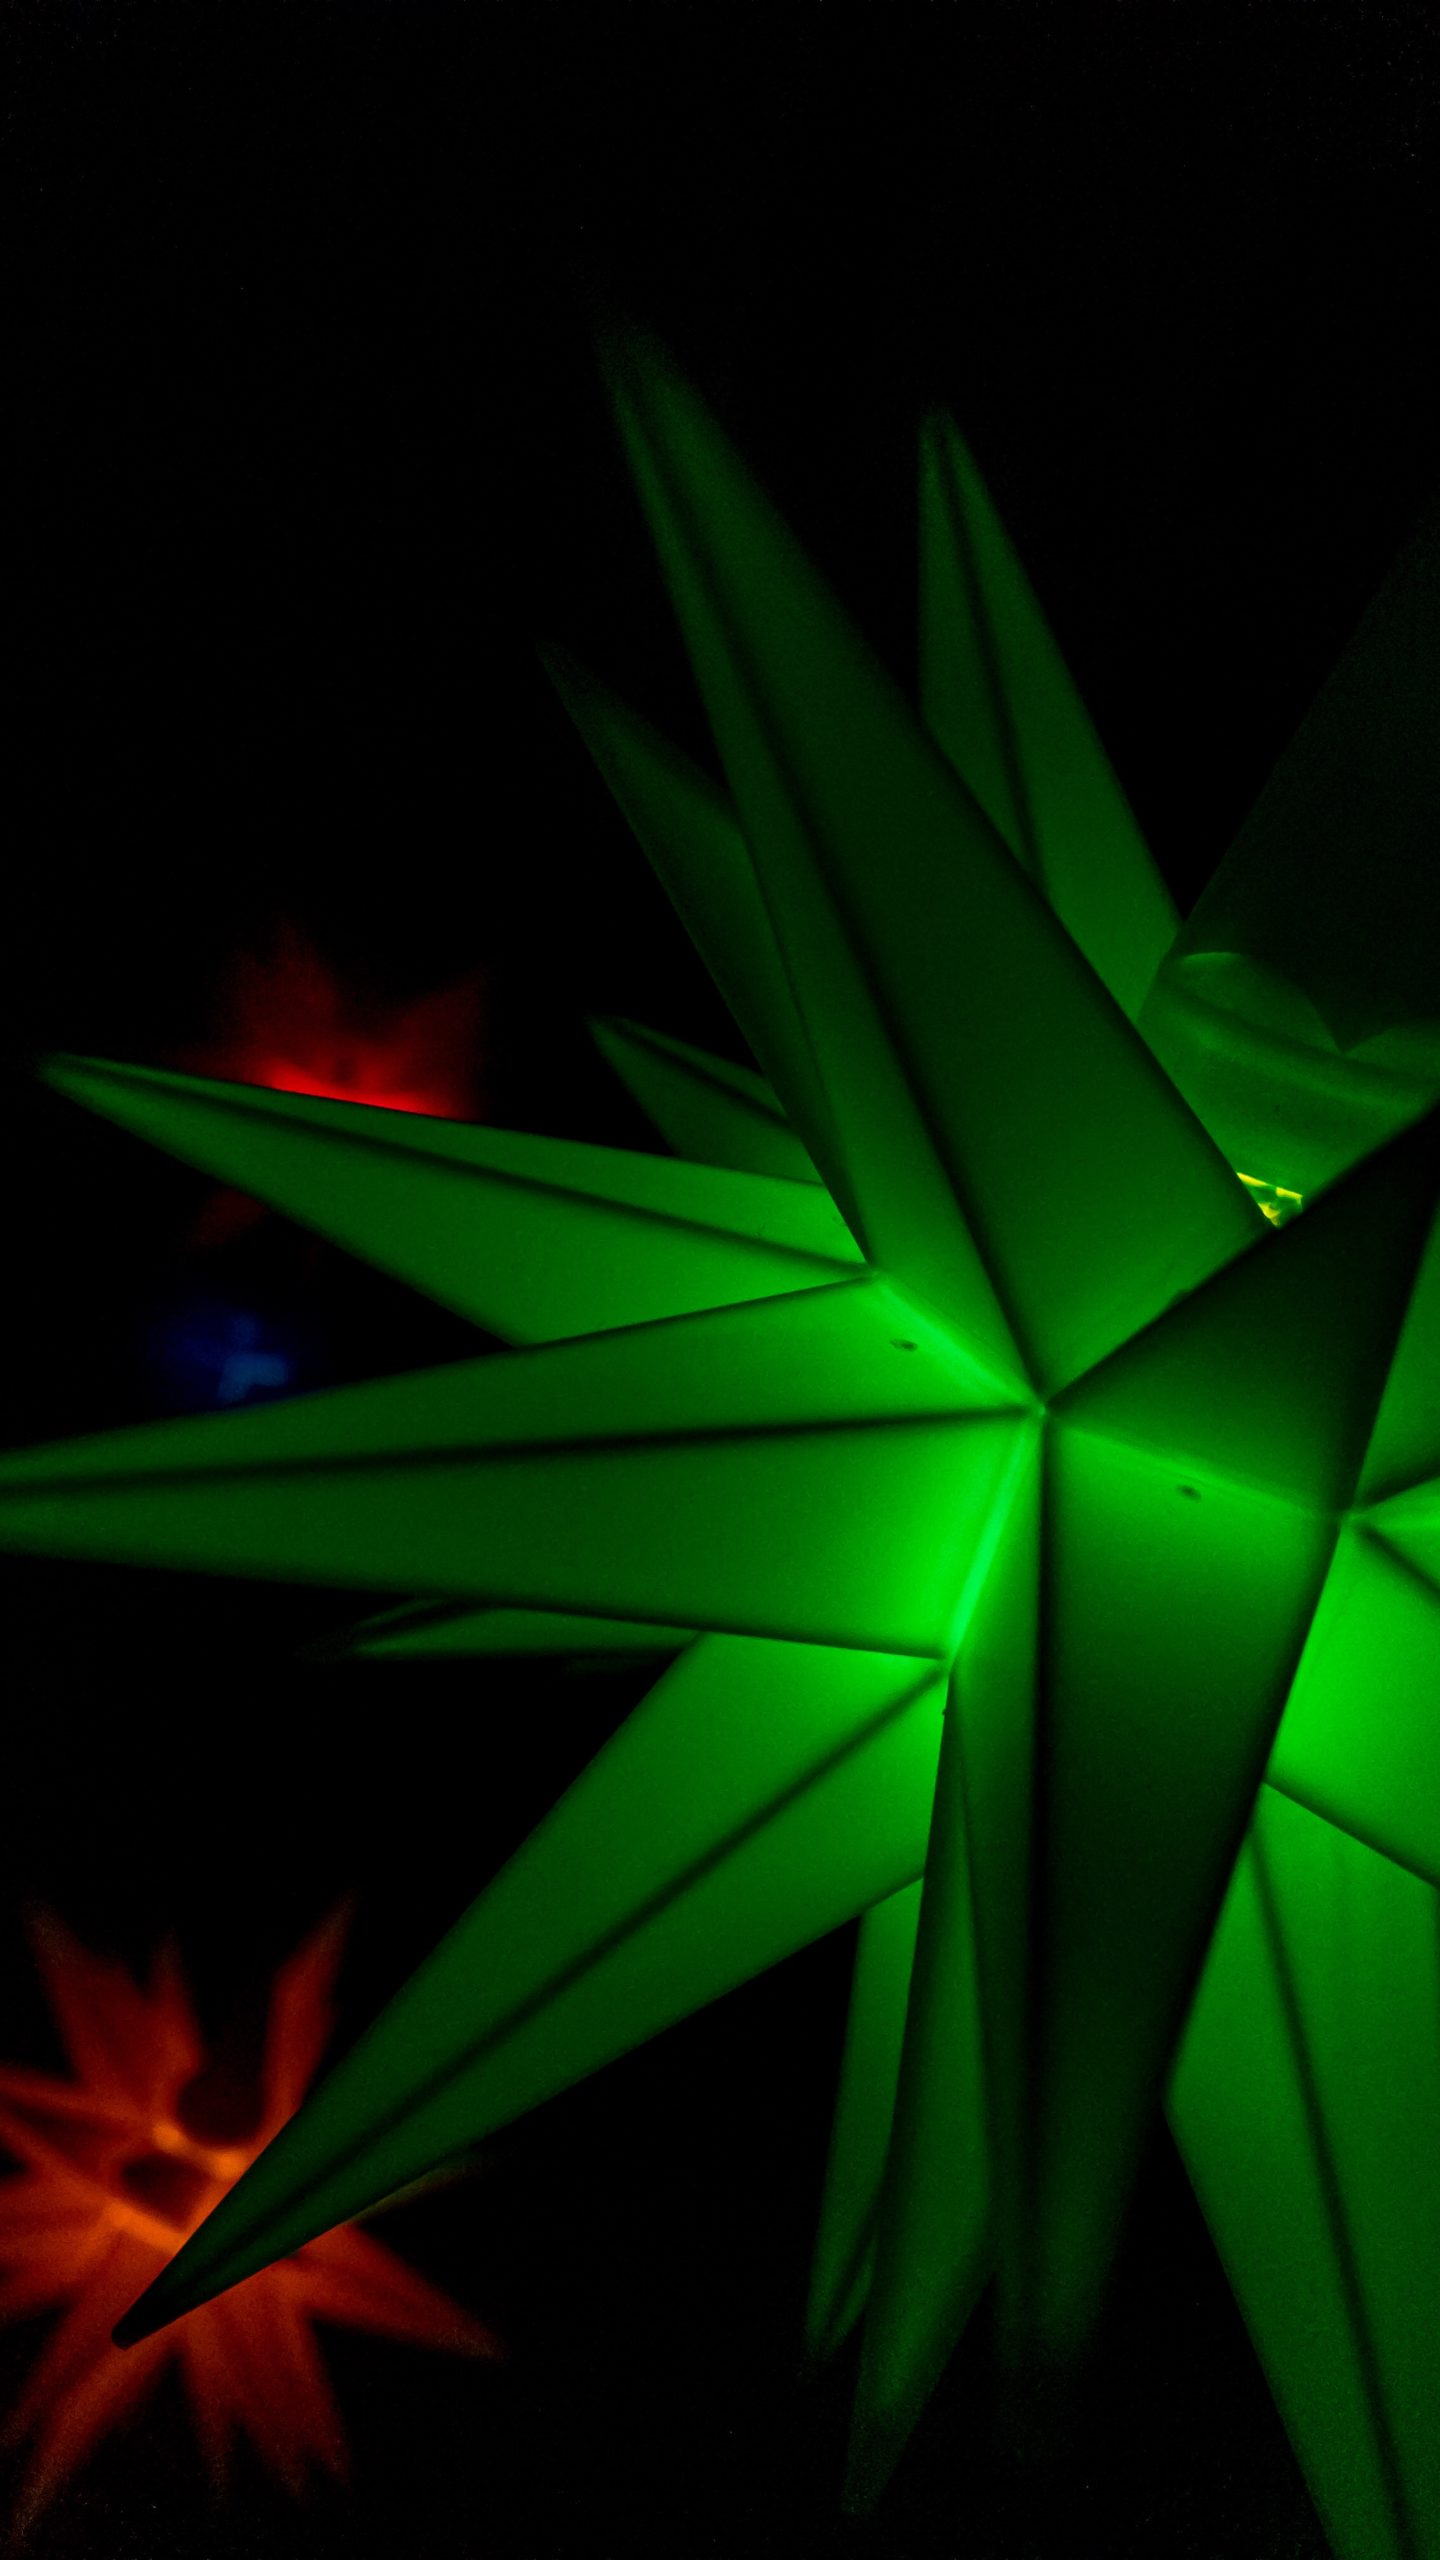 Herrnhuter Sterne in Grün, Gelb, Rot und Blau